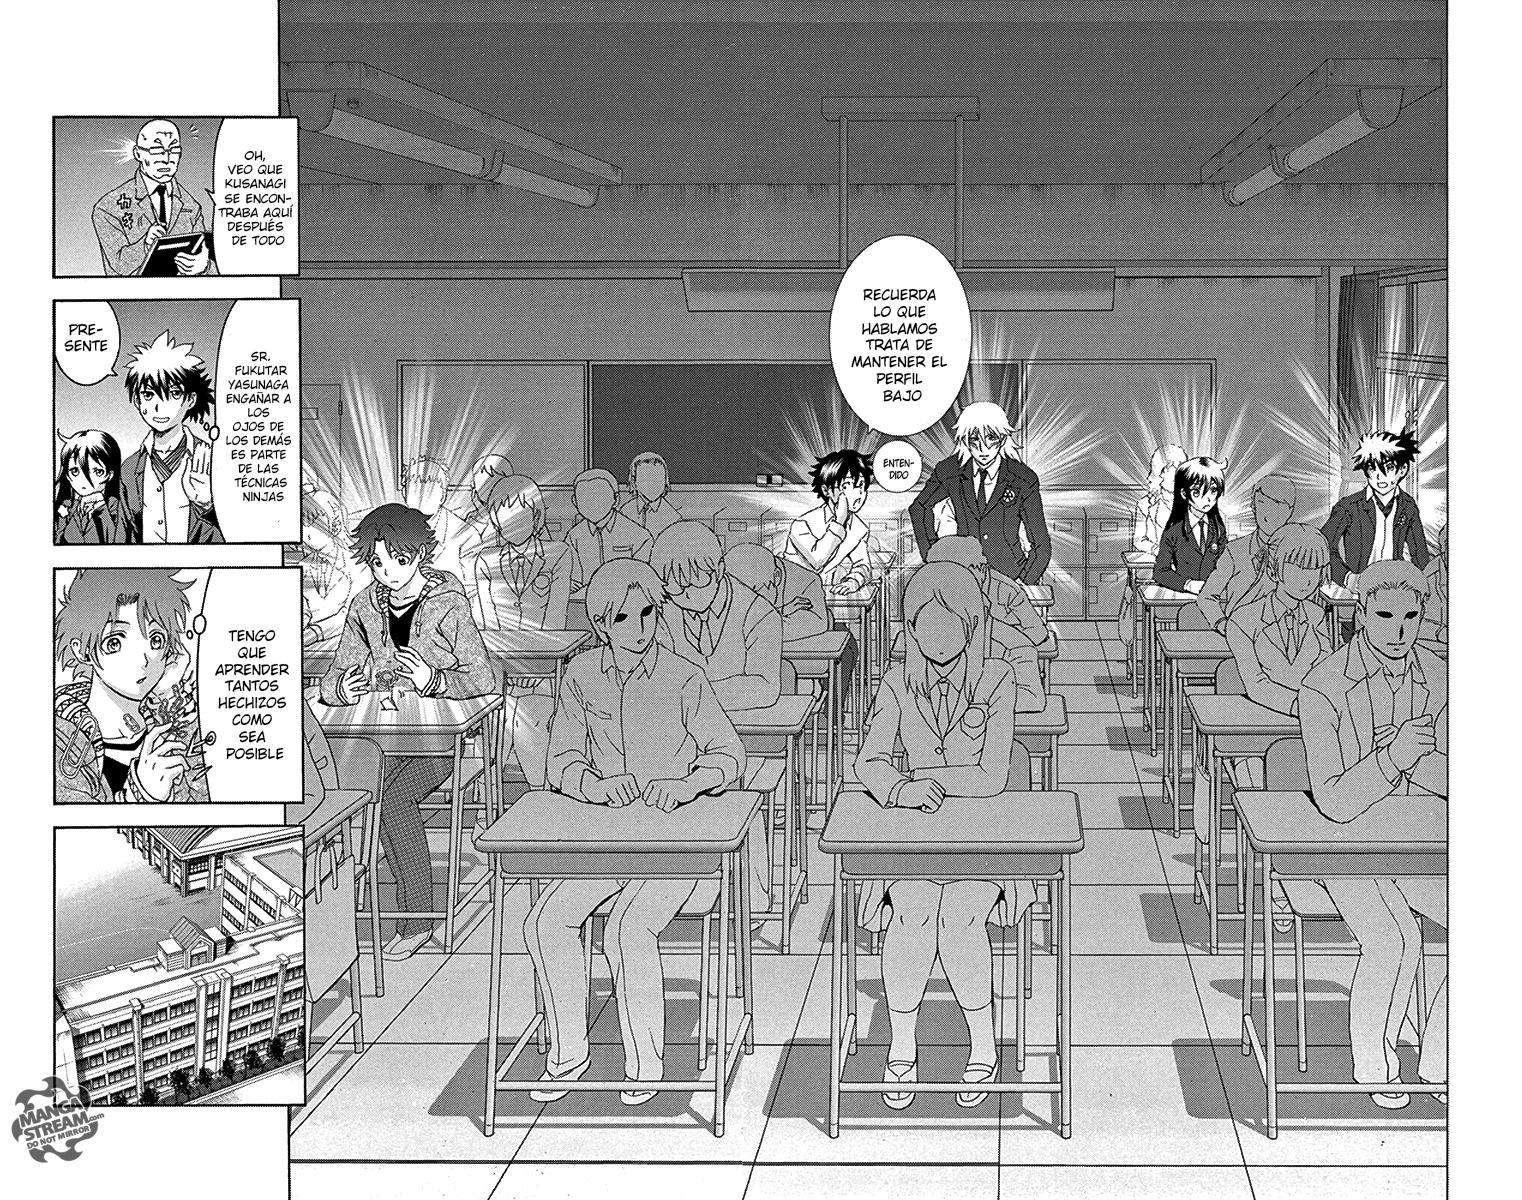 https://c5.mangatag.com/es_manga/6/16838/401060/e33af099bd011dfb53c6ab94bea065cb.jpg Page 38